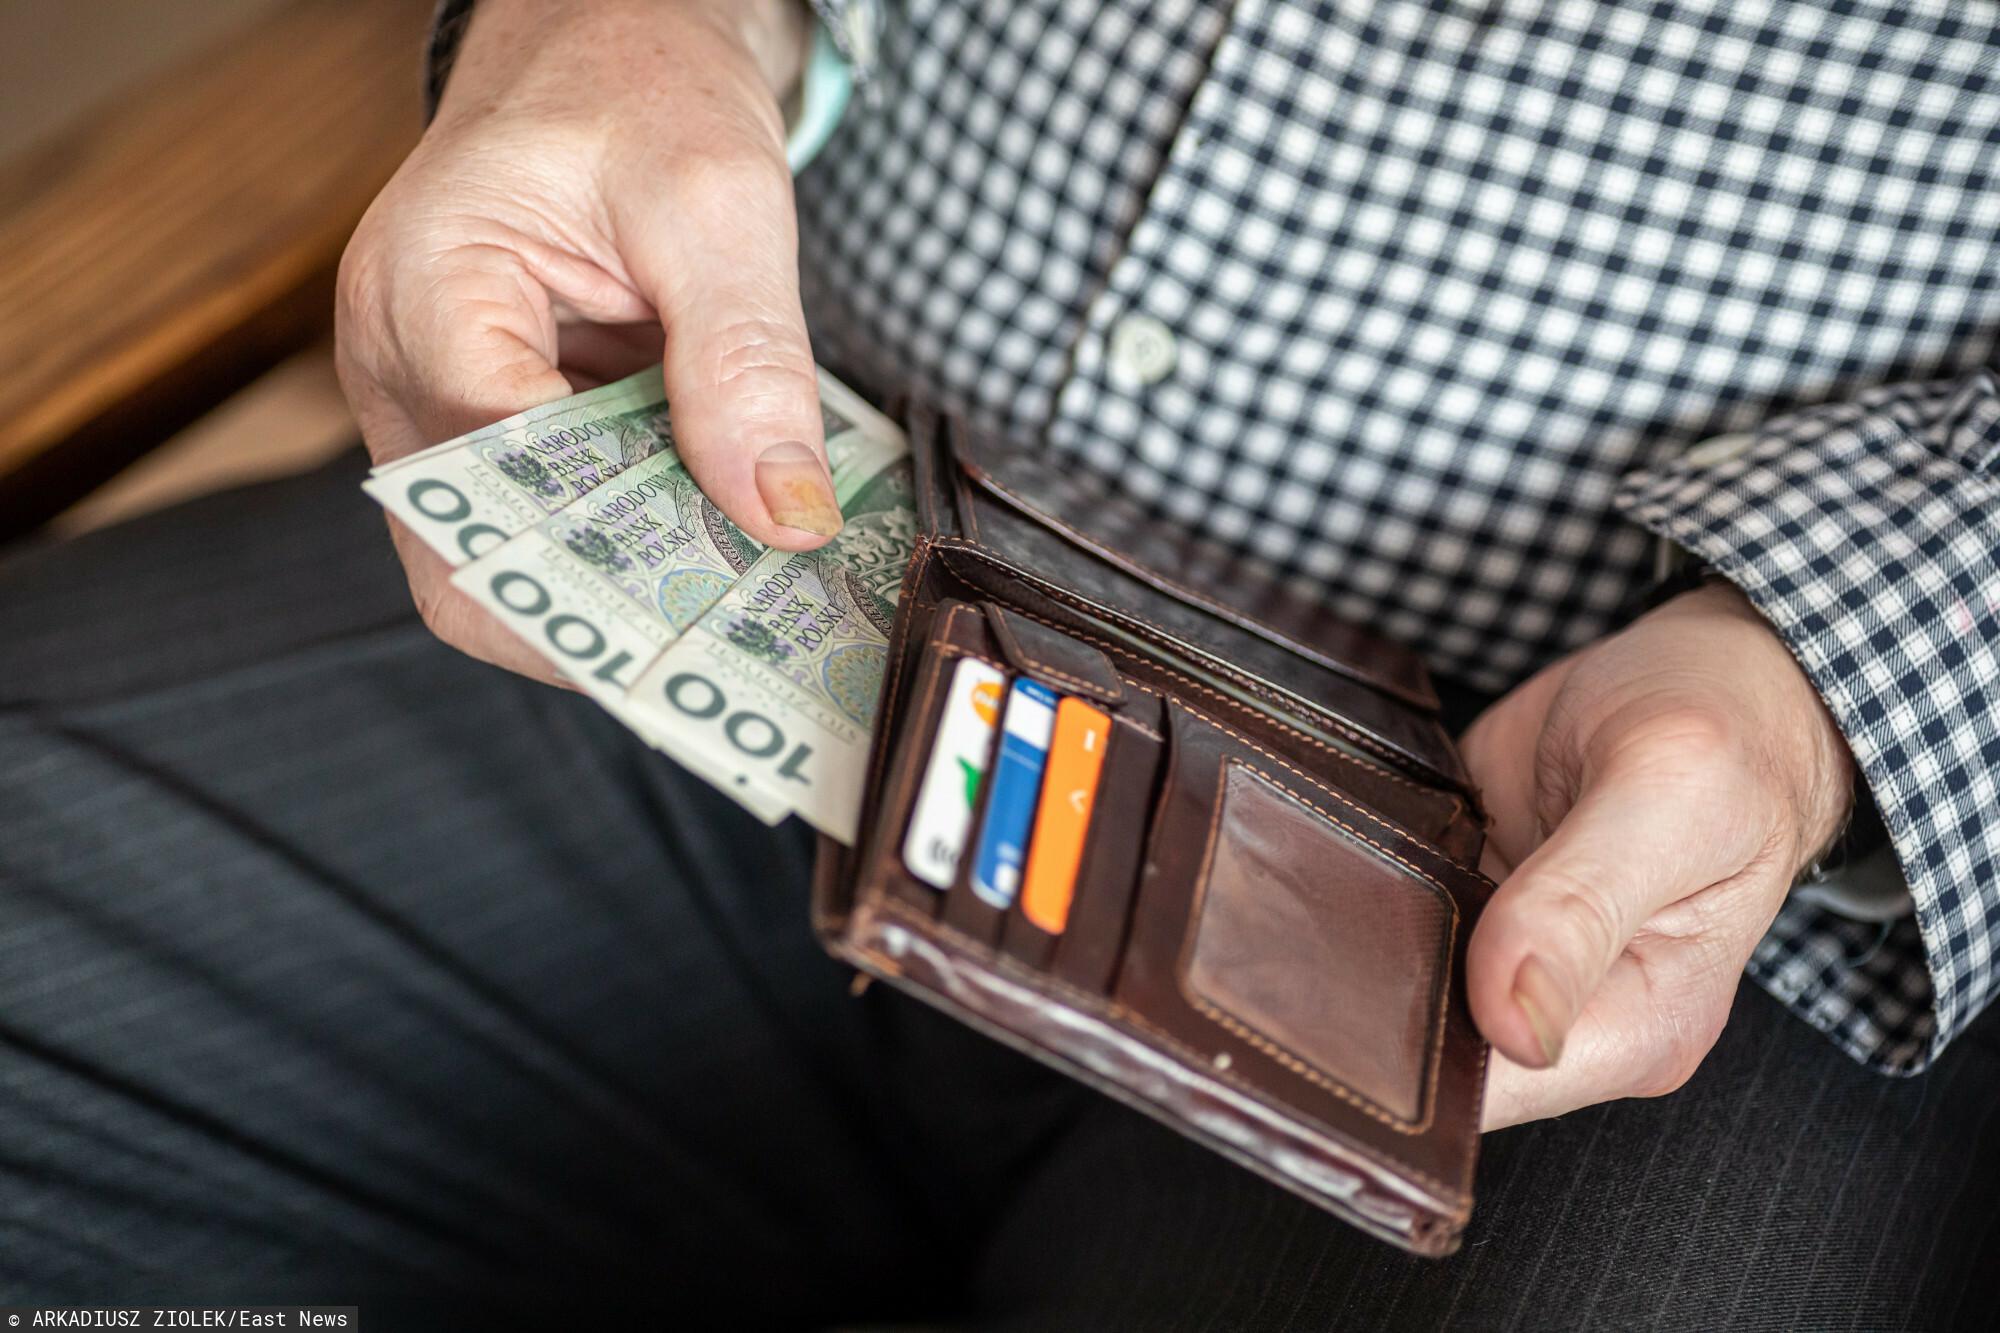 Ile wynosi emerytura minimalna i komu przysługuje?